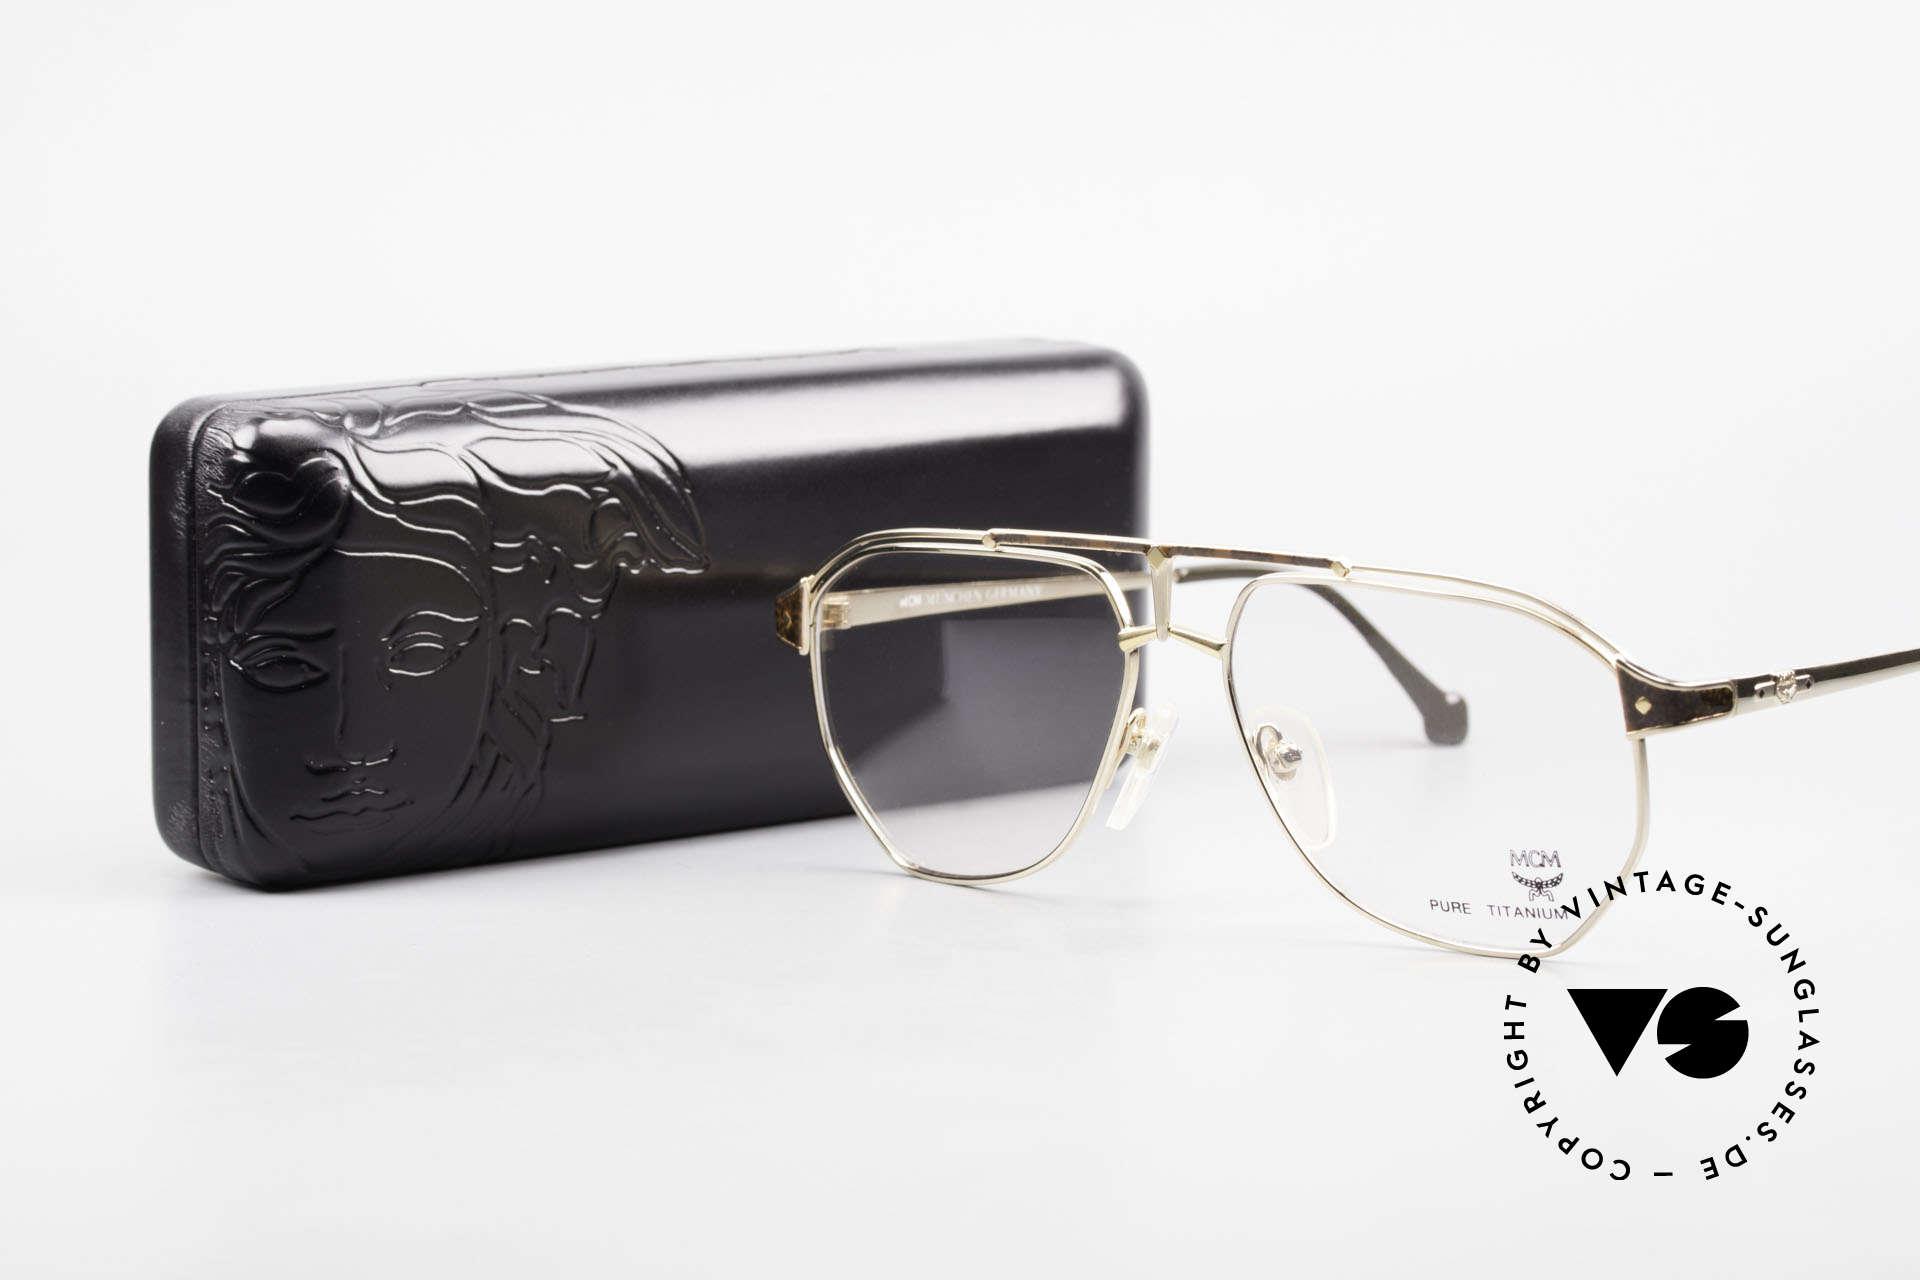 MCM München 6 XL Luxus Vintage Brille 90er, Größe: extra large, Passend für Herren